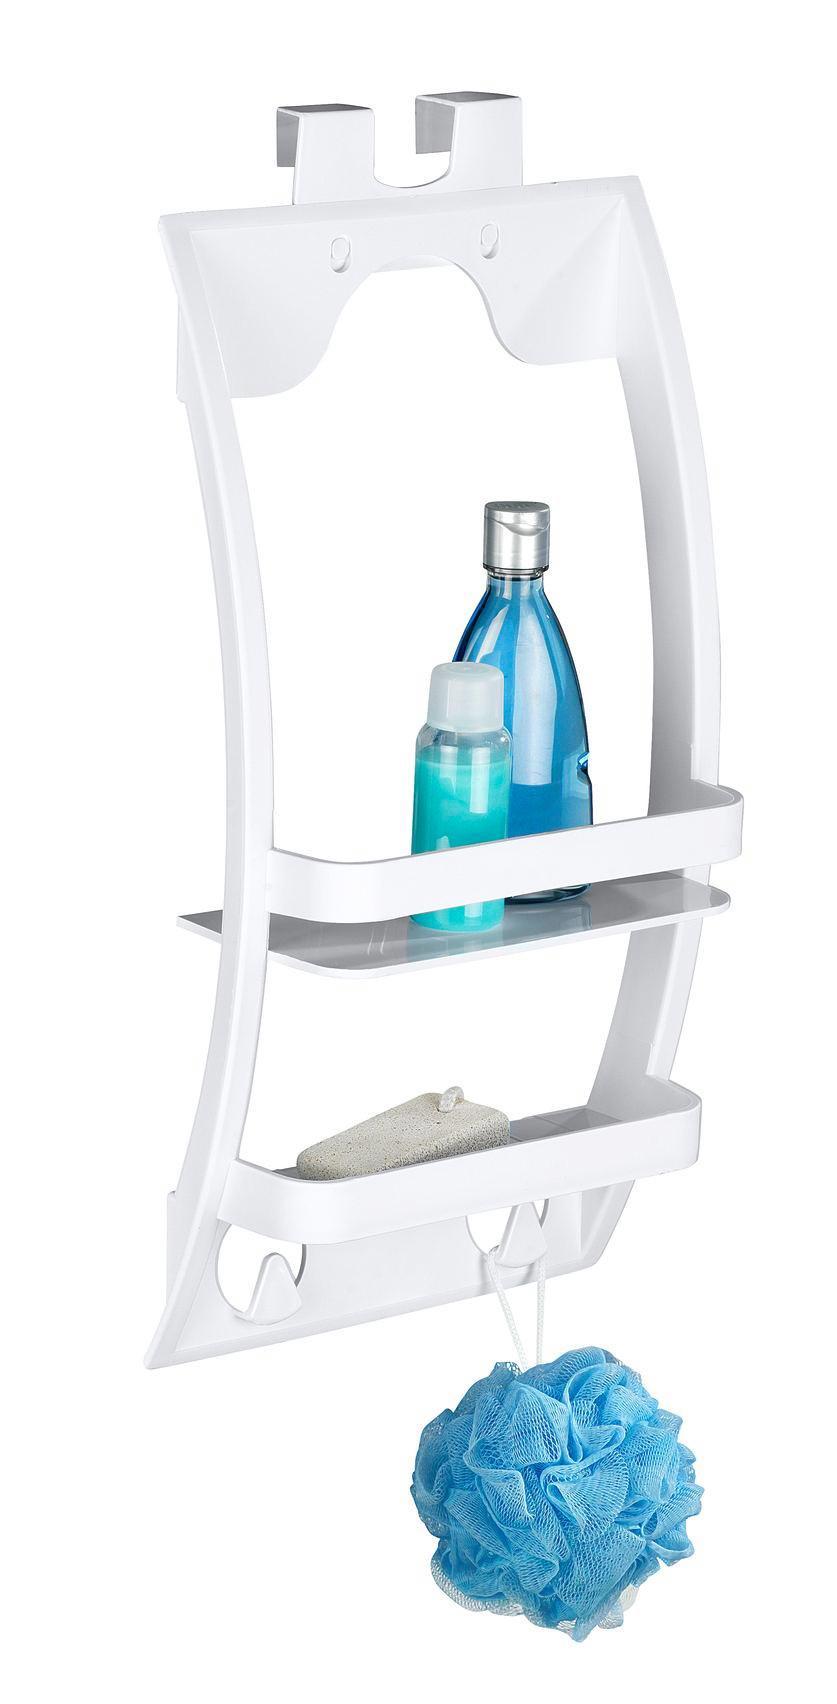 Hängeaufbewahrung in Weiß - Weiß, MODERN, Kunststoff (26/54,5/11,5cm) - MÖMAX modern living